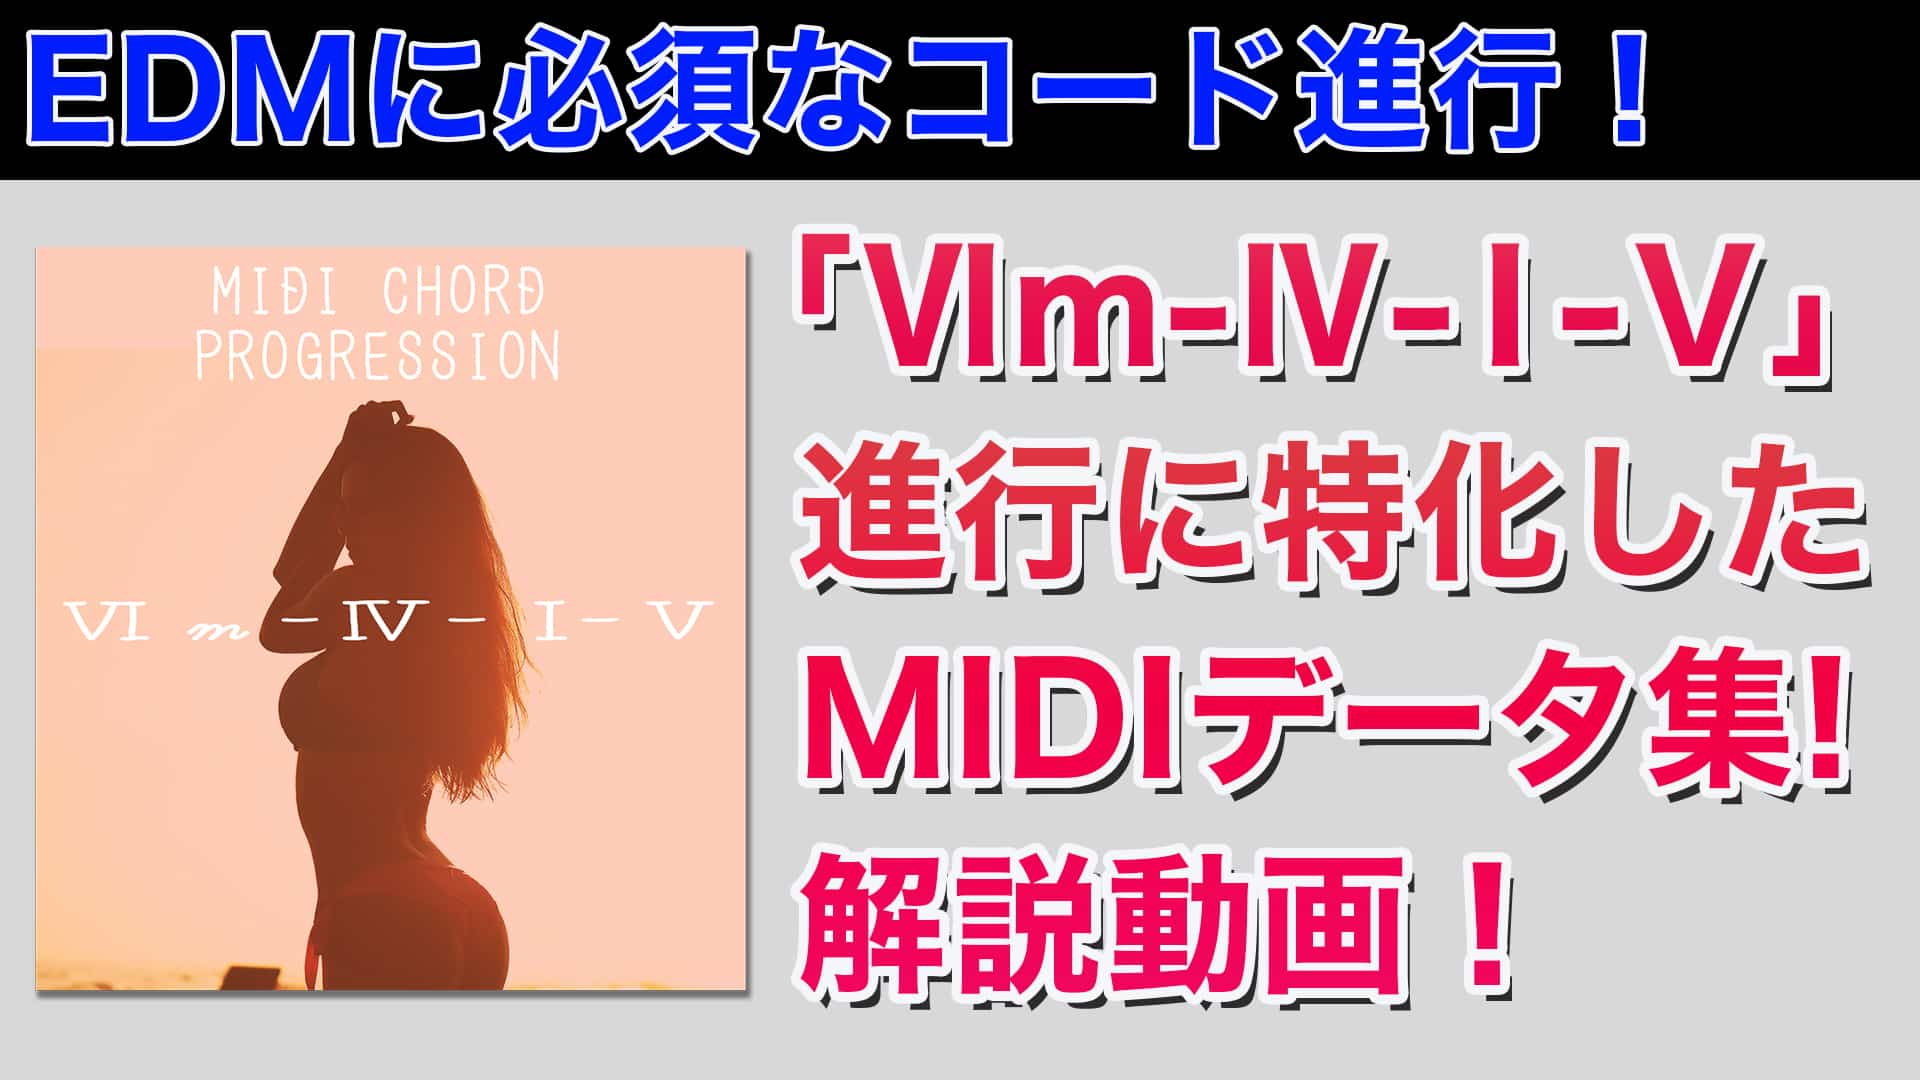 【しばらく無料!】「Ⅵm-Ⅳ-Ⅰ-Ⅴ」進行に特化したMIDIデータ集